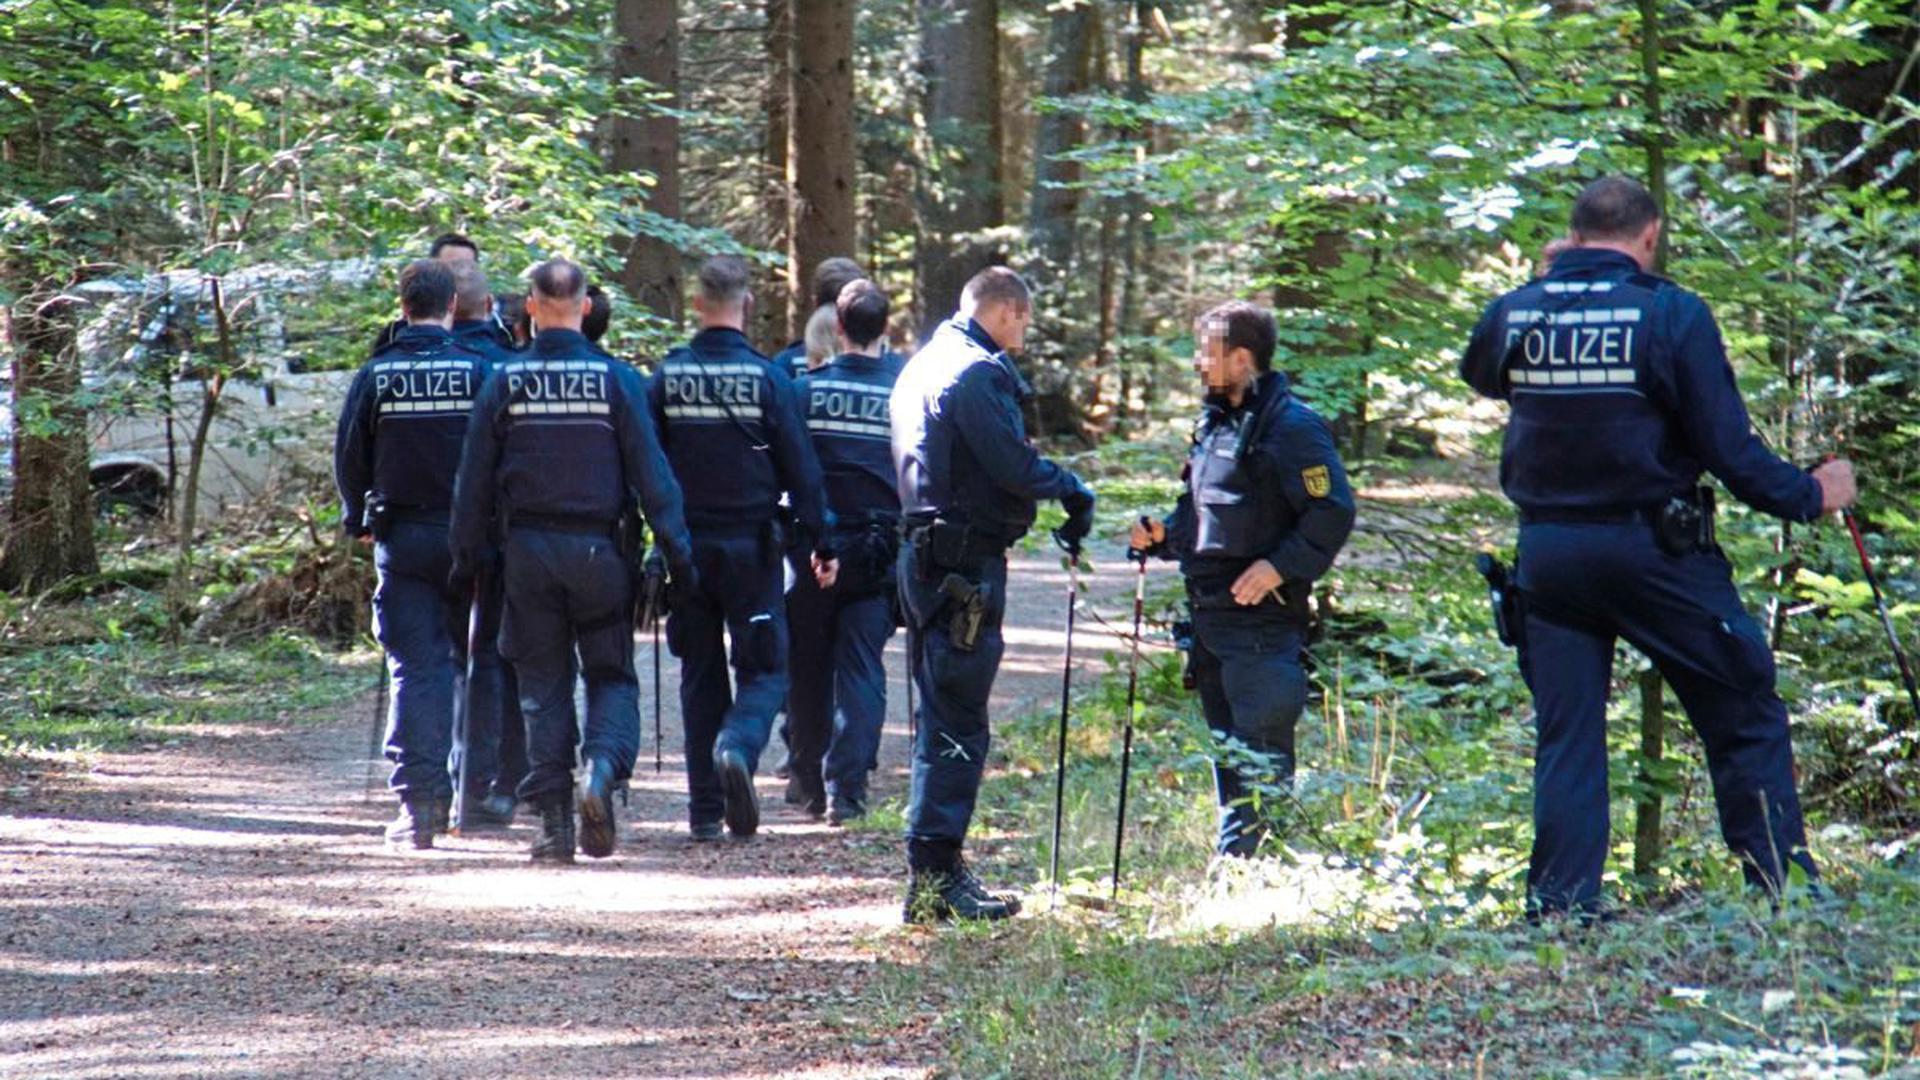 Neue Erkenntnisse über die Täter erhoffte sich die Polizei am Donnerstag bei der Suche nach Hinweisen am Fundort des Leichnams im Hagenschießwald. 25 Beamte durchkämmten das Waldstück.